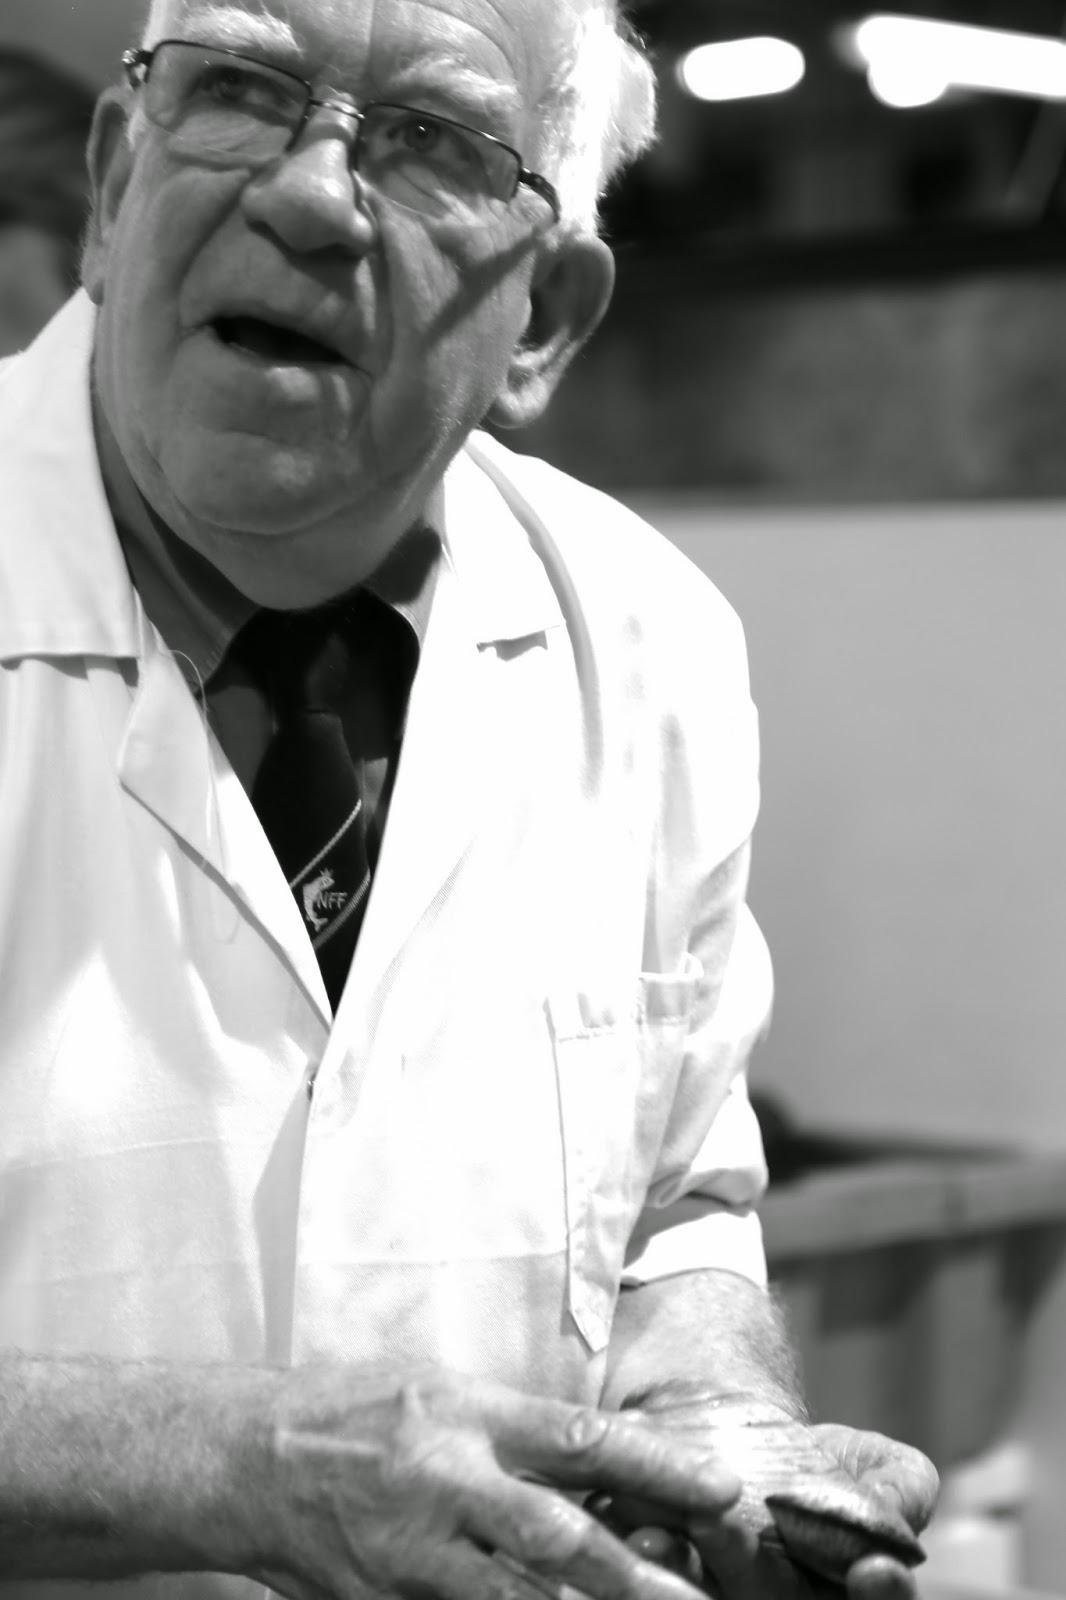 Ken Condon, Fishmonger, Billingsgate